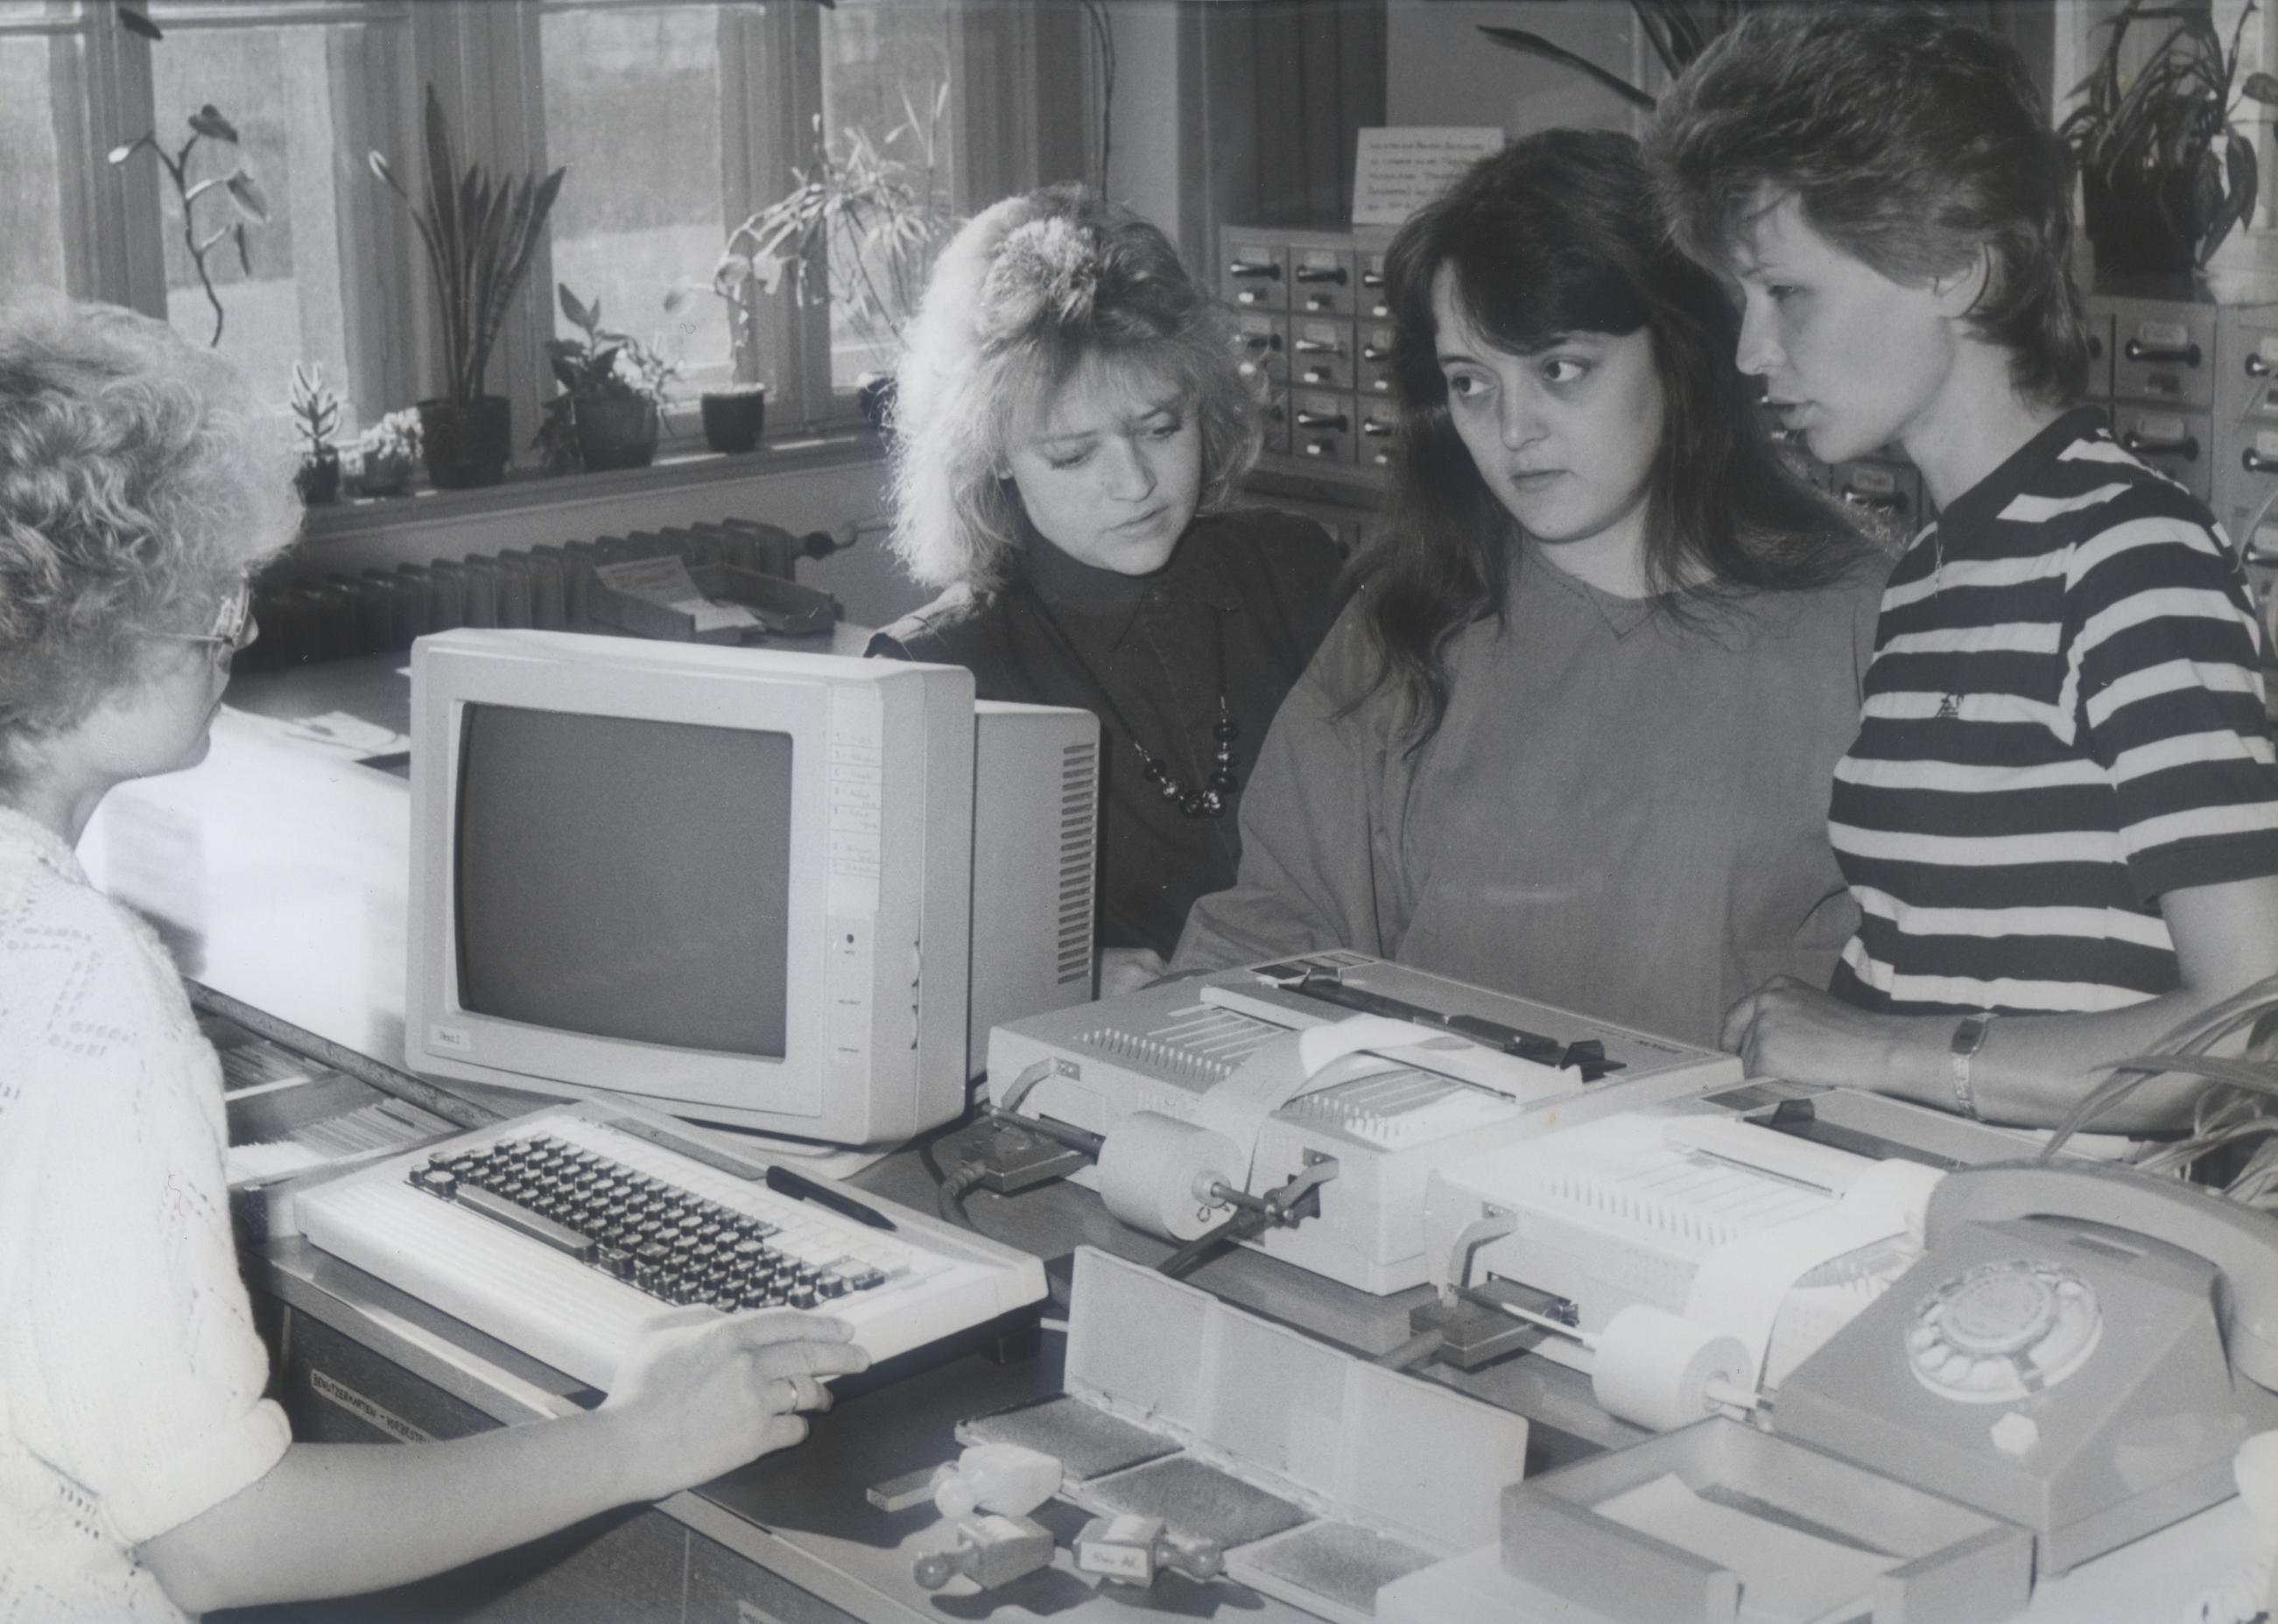 Foto: Bibliothekrin sitzt am ersten PC + Drucker und gegenüber stehen 3 junge Frauen, 1988 © Barbara Kretschmar